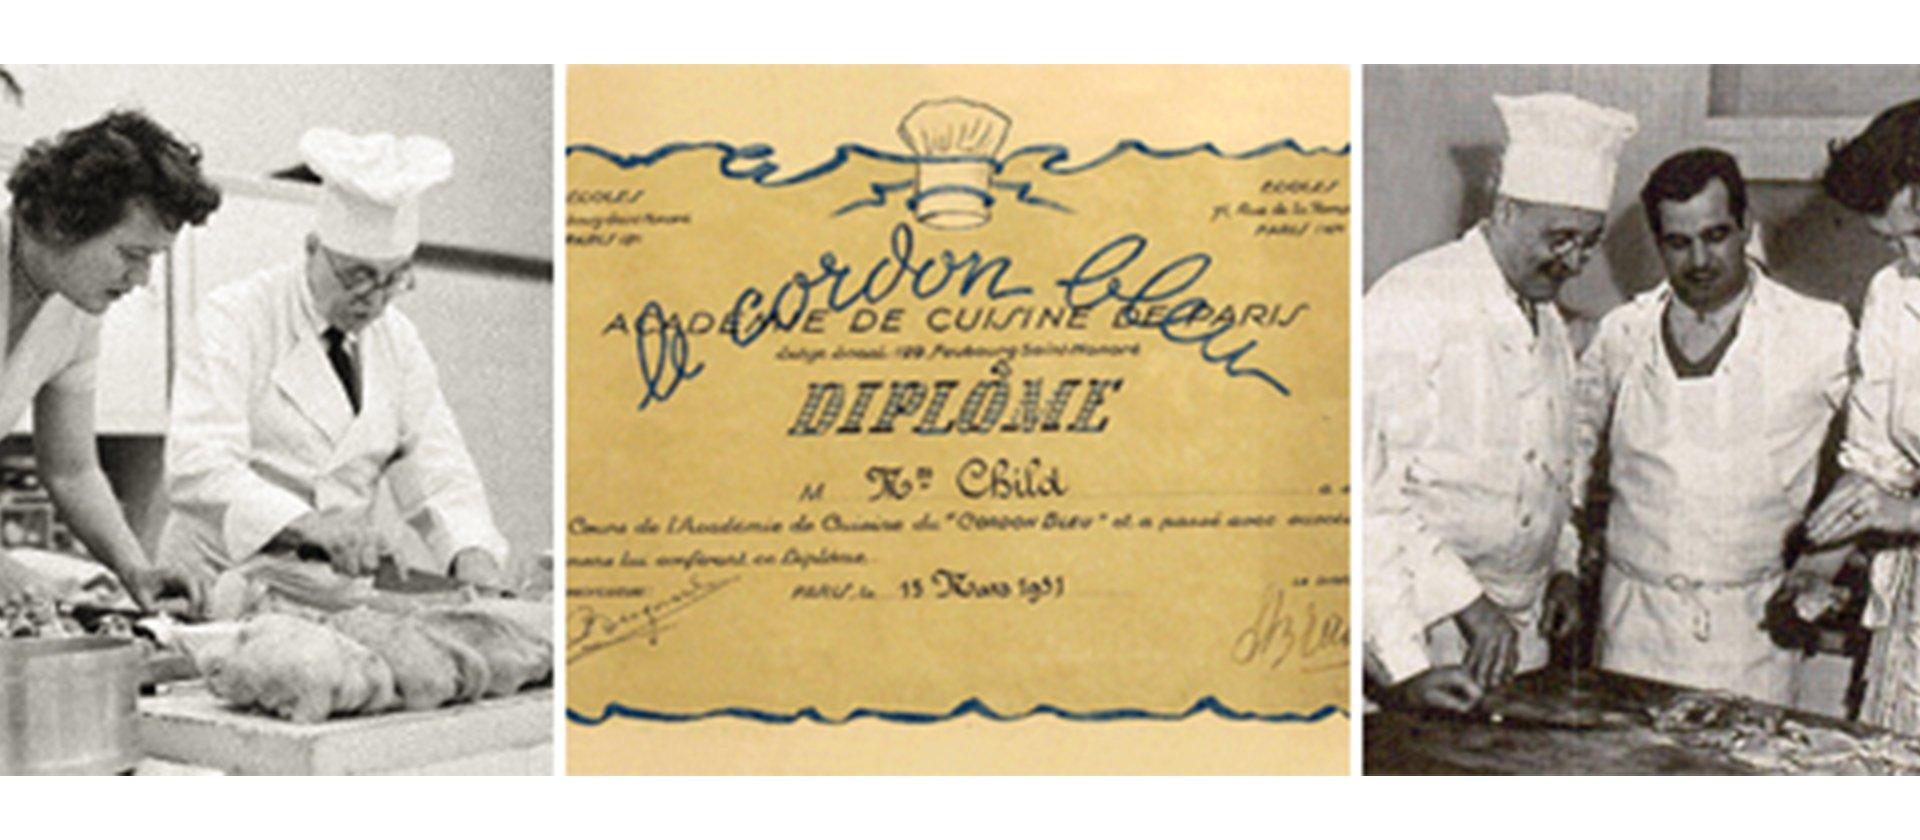 Photos of Julia Child Attending Classes At Le Cordon Bleu Paris